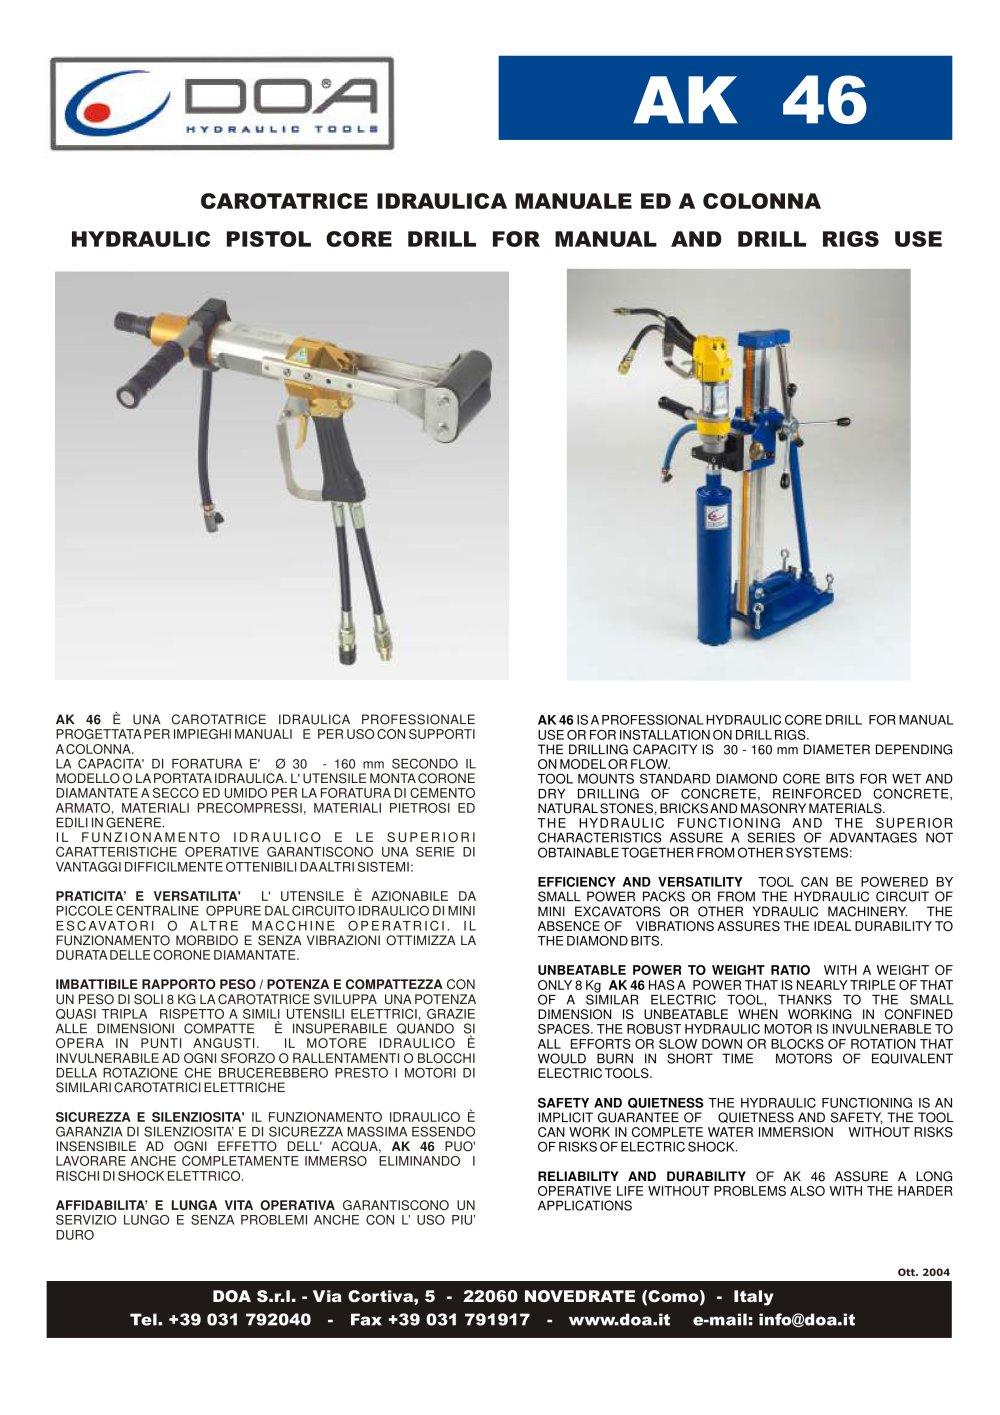 Manuale idraulico pdf